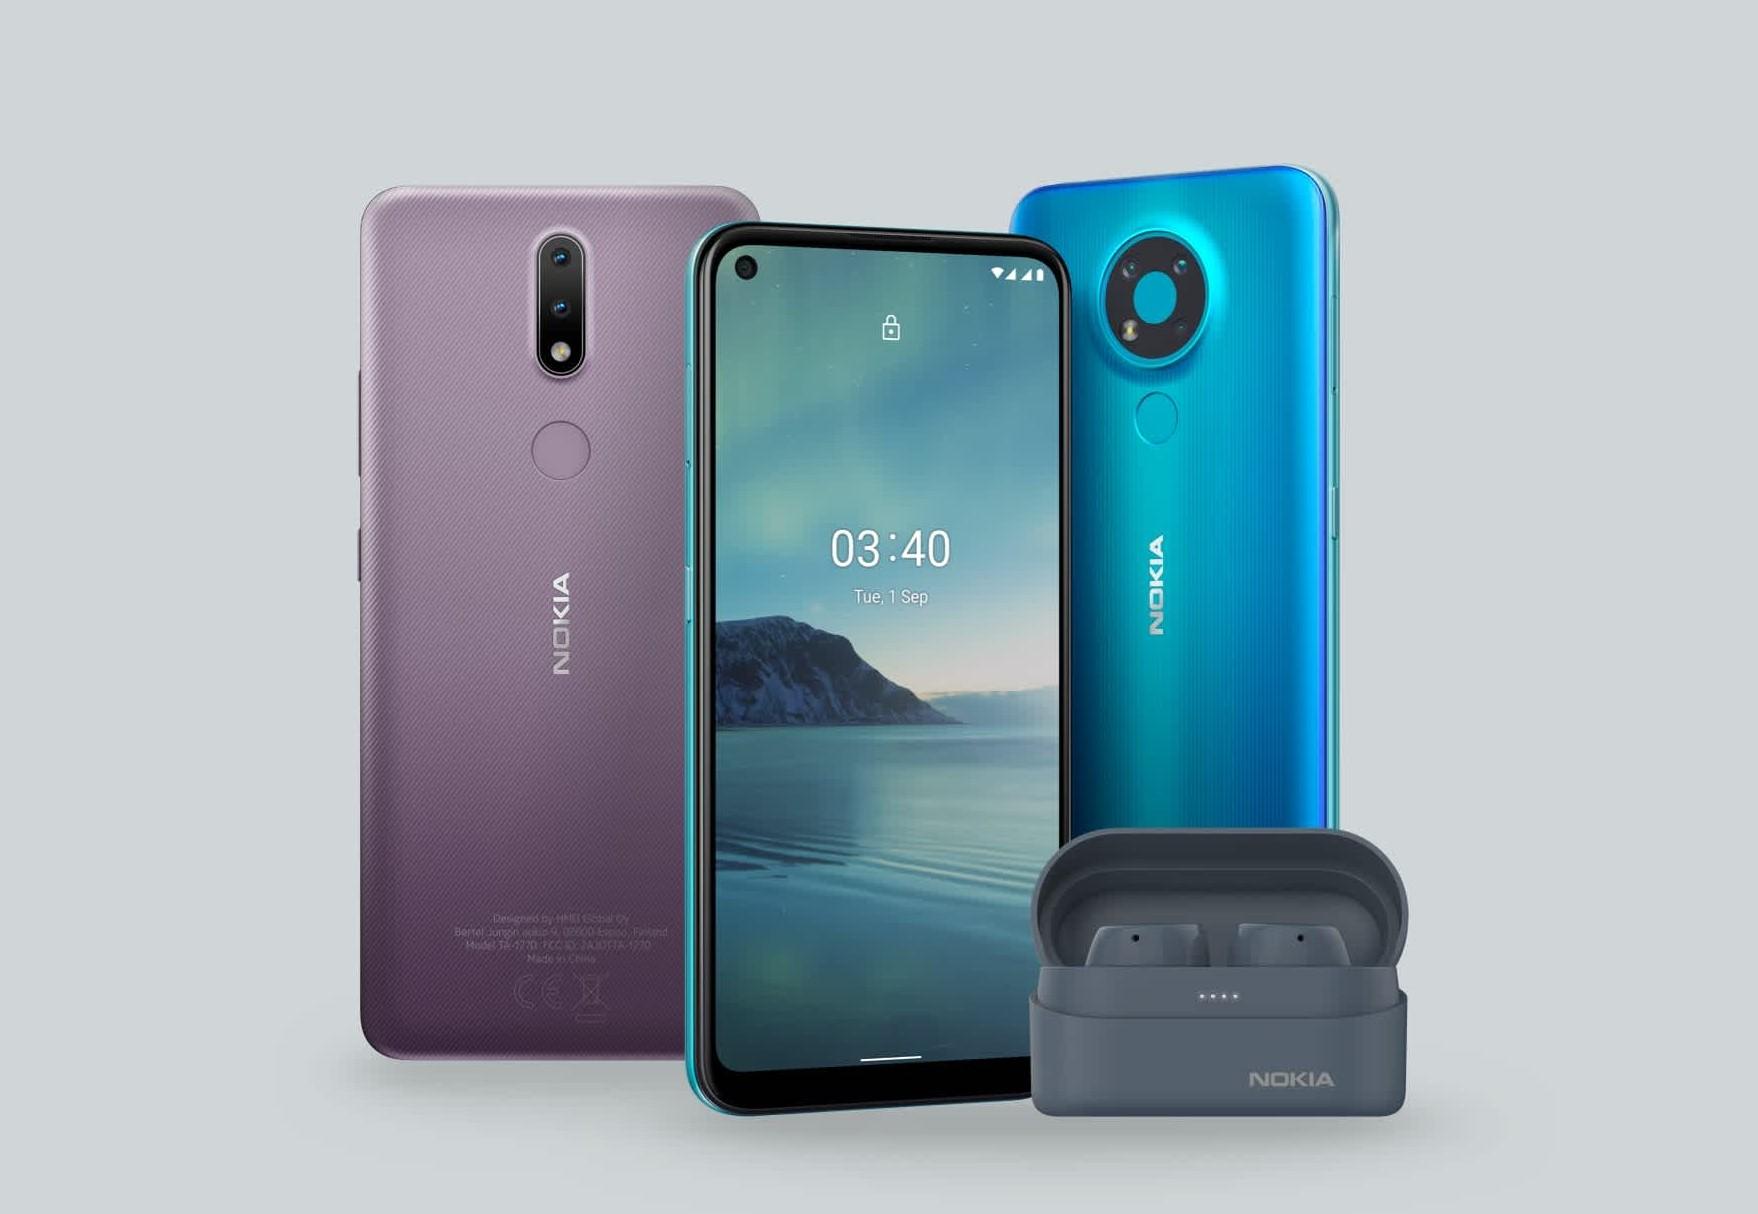 Điện thoại Nokia 5G được HMD Global bán toàn cầu trong chiến lược mở rộng khách hàng doanh nghiệp - Ảnh 3.